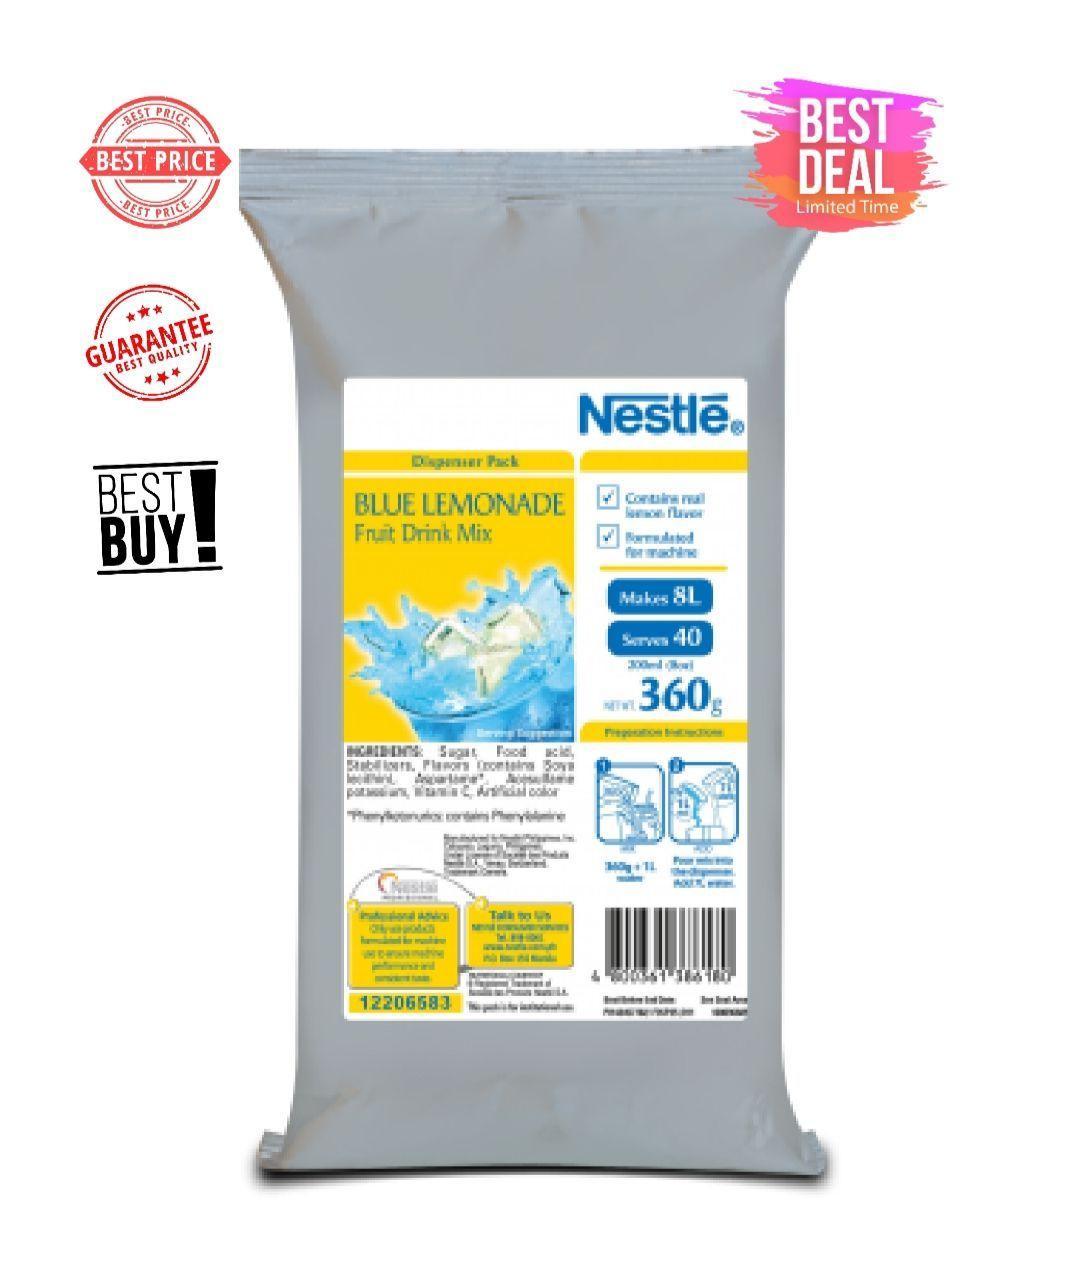 Nestle Philippines Price List Milo Bear Brand Nido 3in1 Sachet 700gram Blue Lemonade